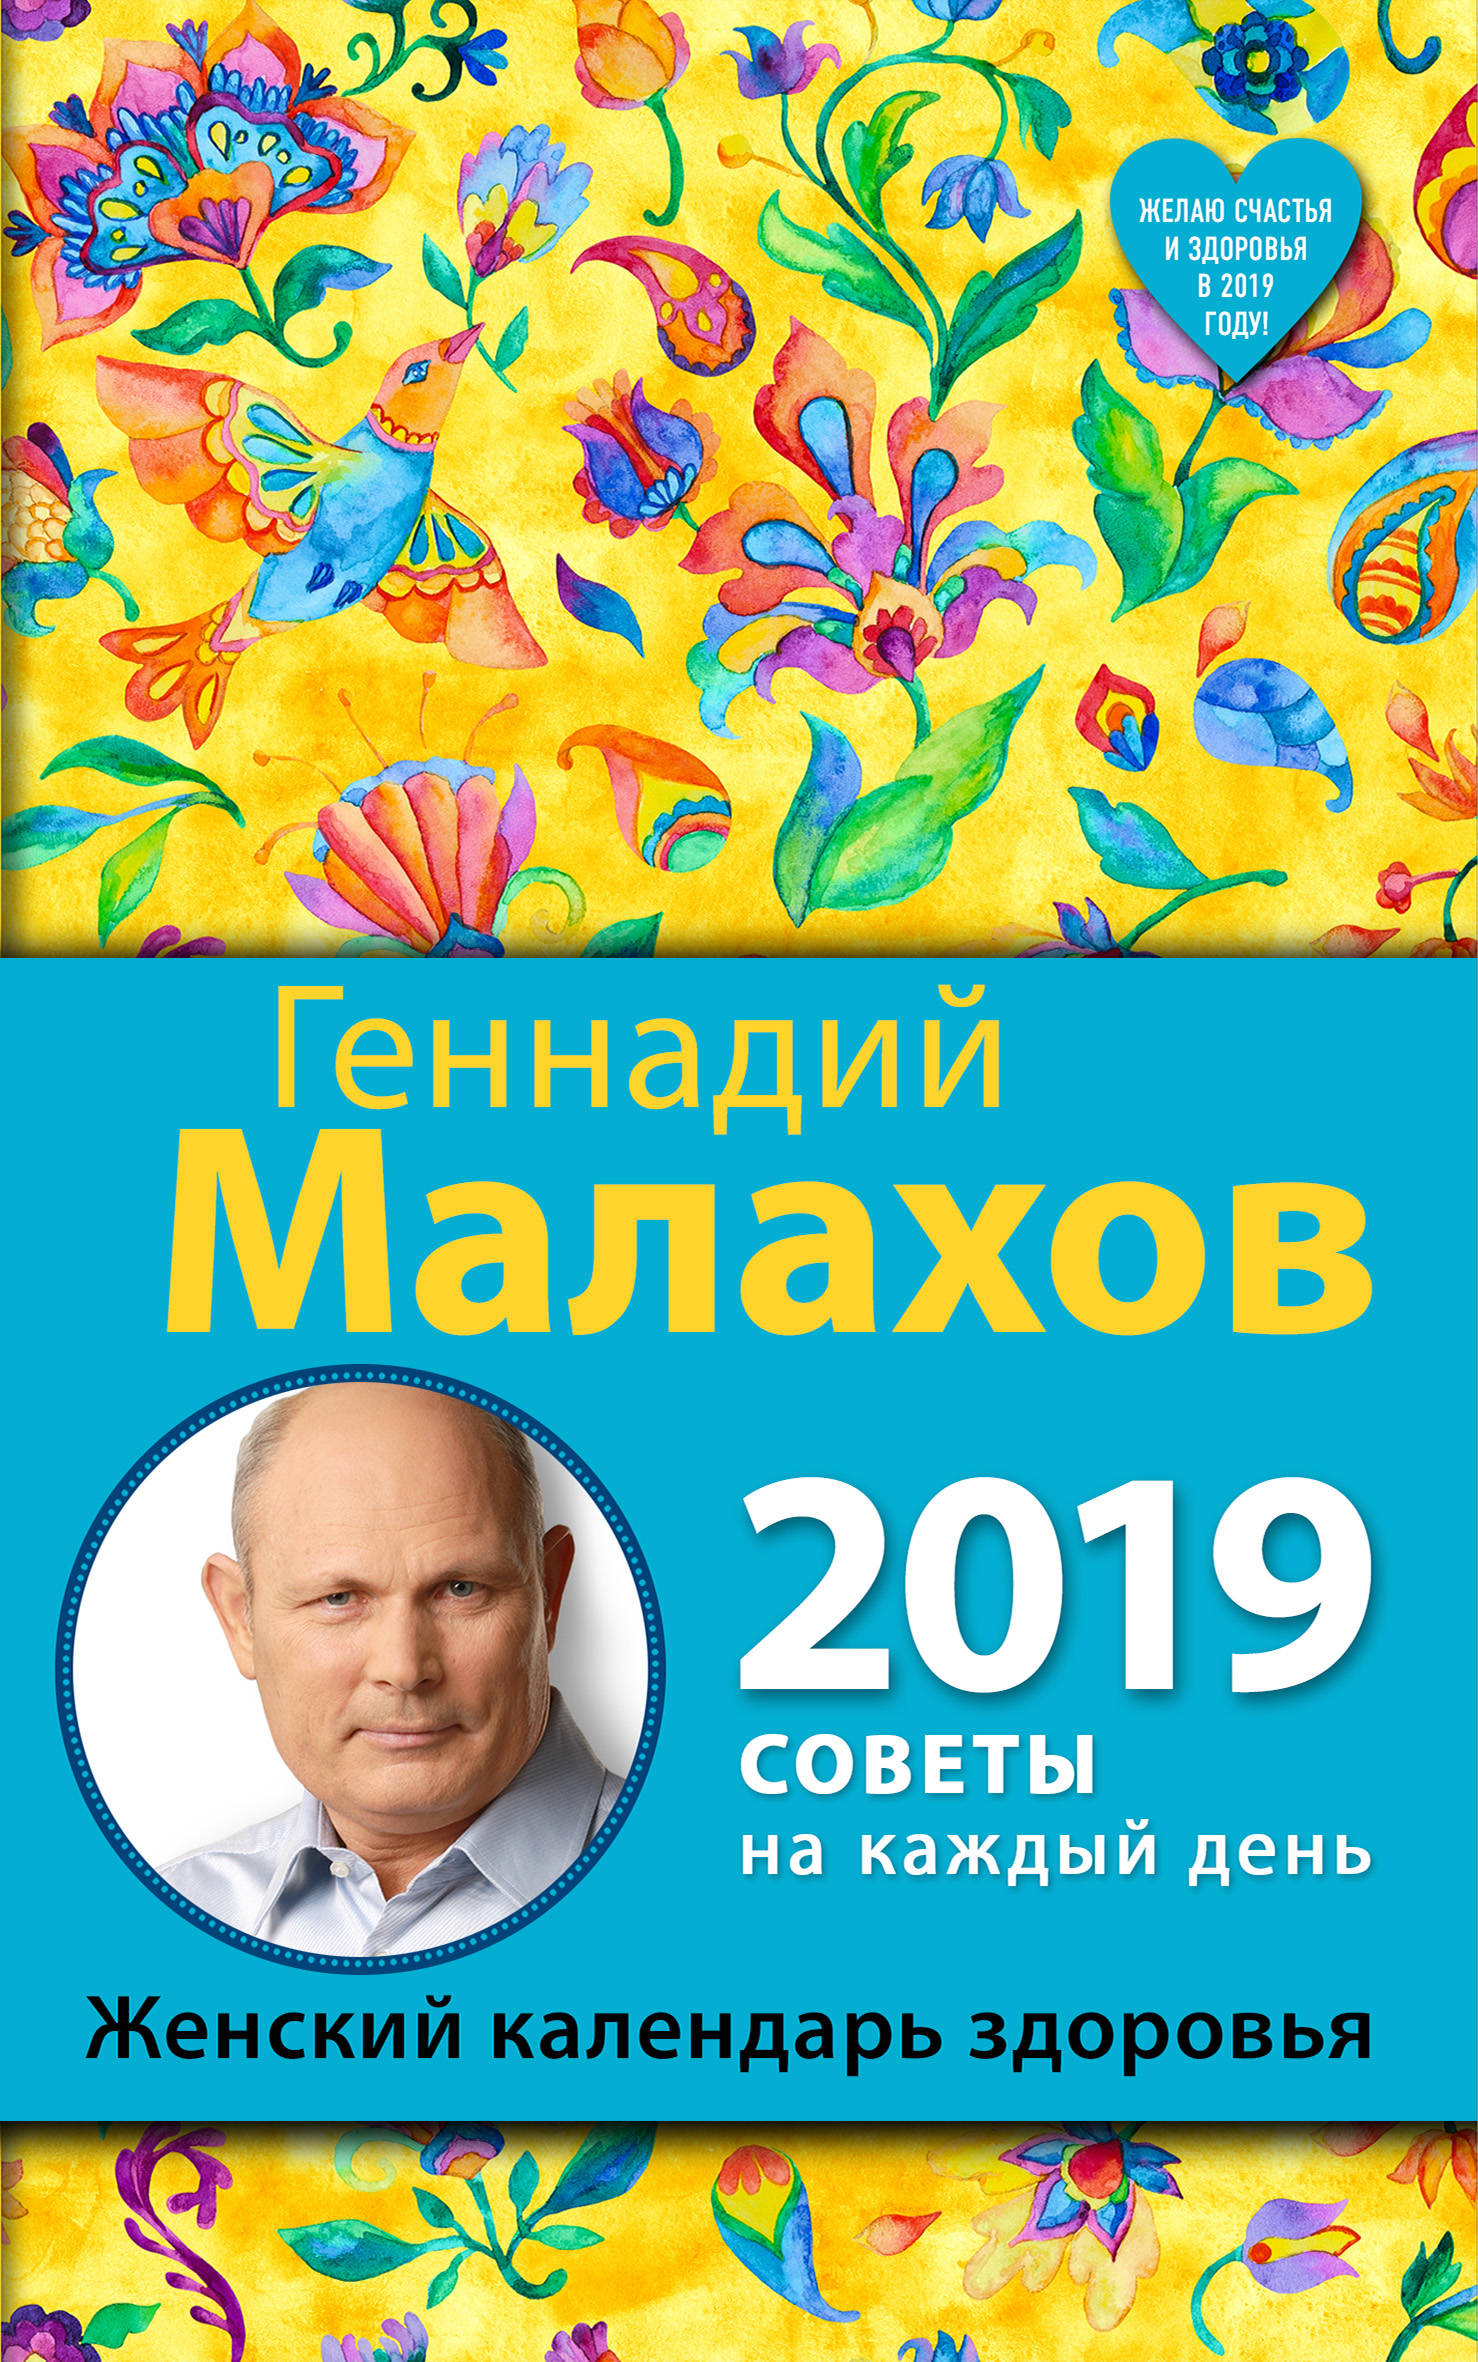 Ирина - день ангела в 2019 году новые фото